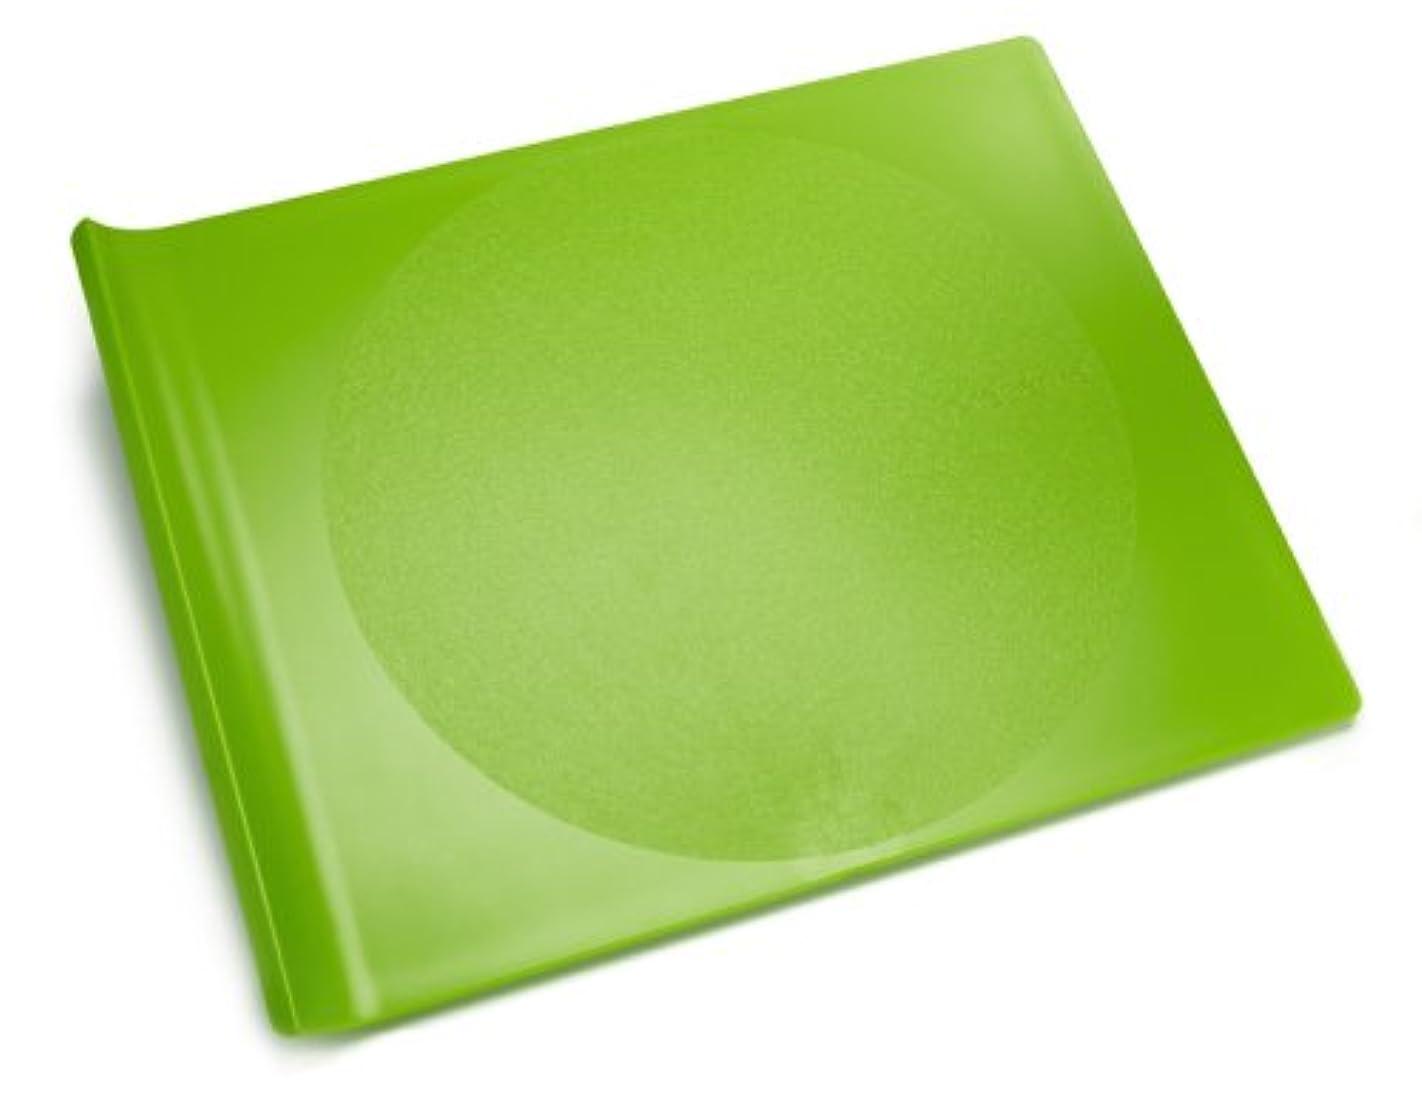 海外直送品Cutting Board Plastic, Large Apple Green 1 CT by Preserve